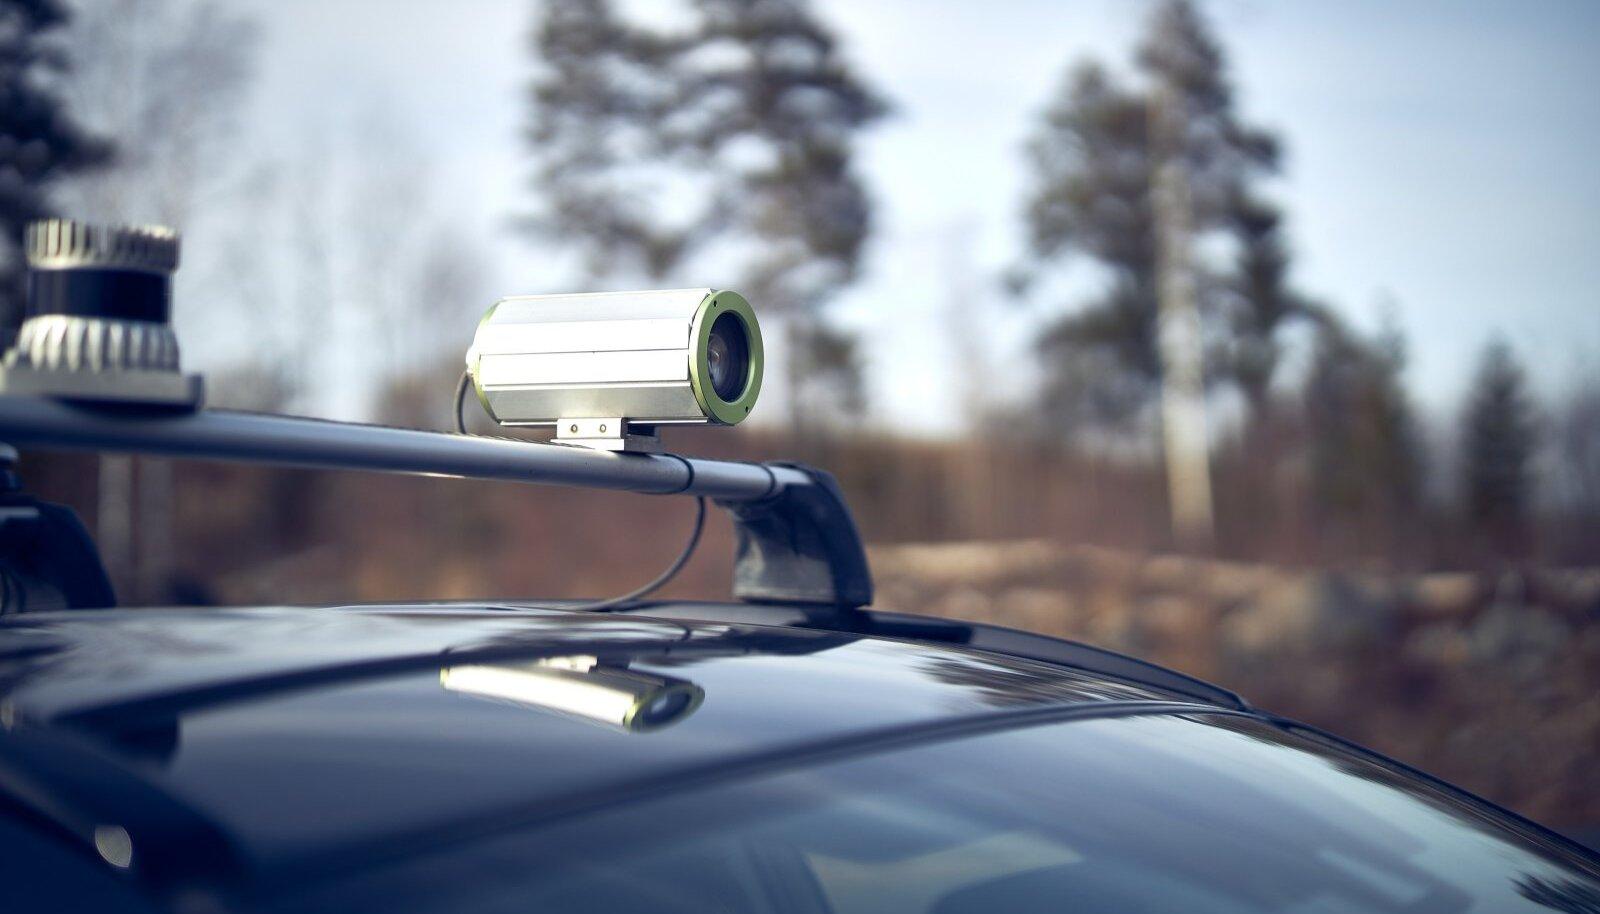 Unikie tehnoloogia aitab autol iseseisvalt parkida.